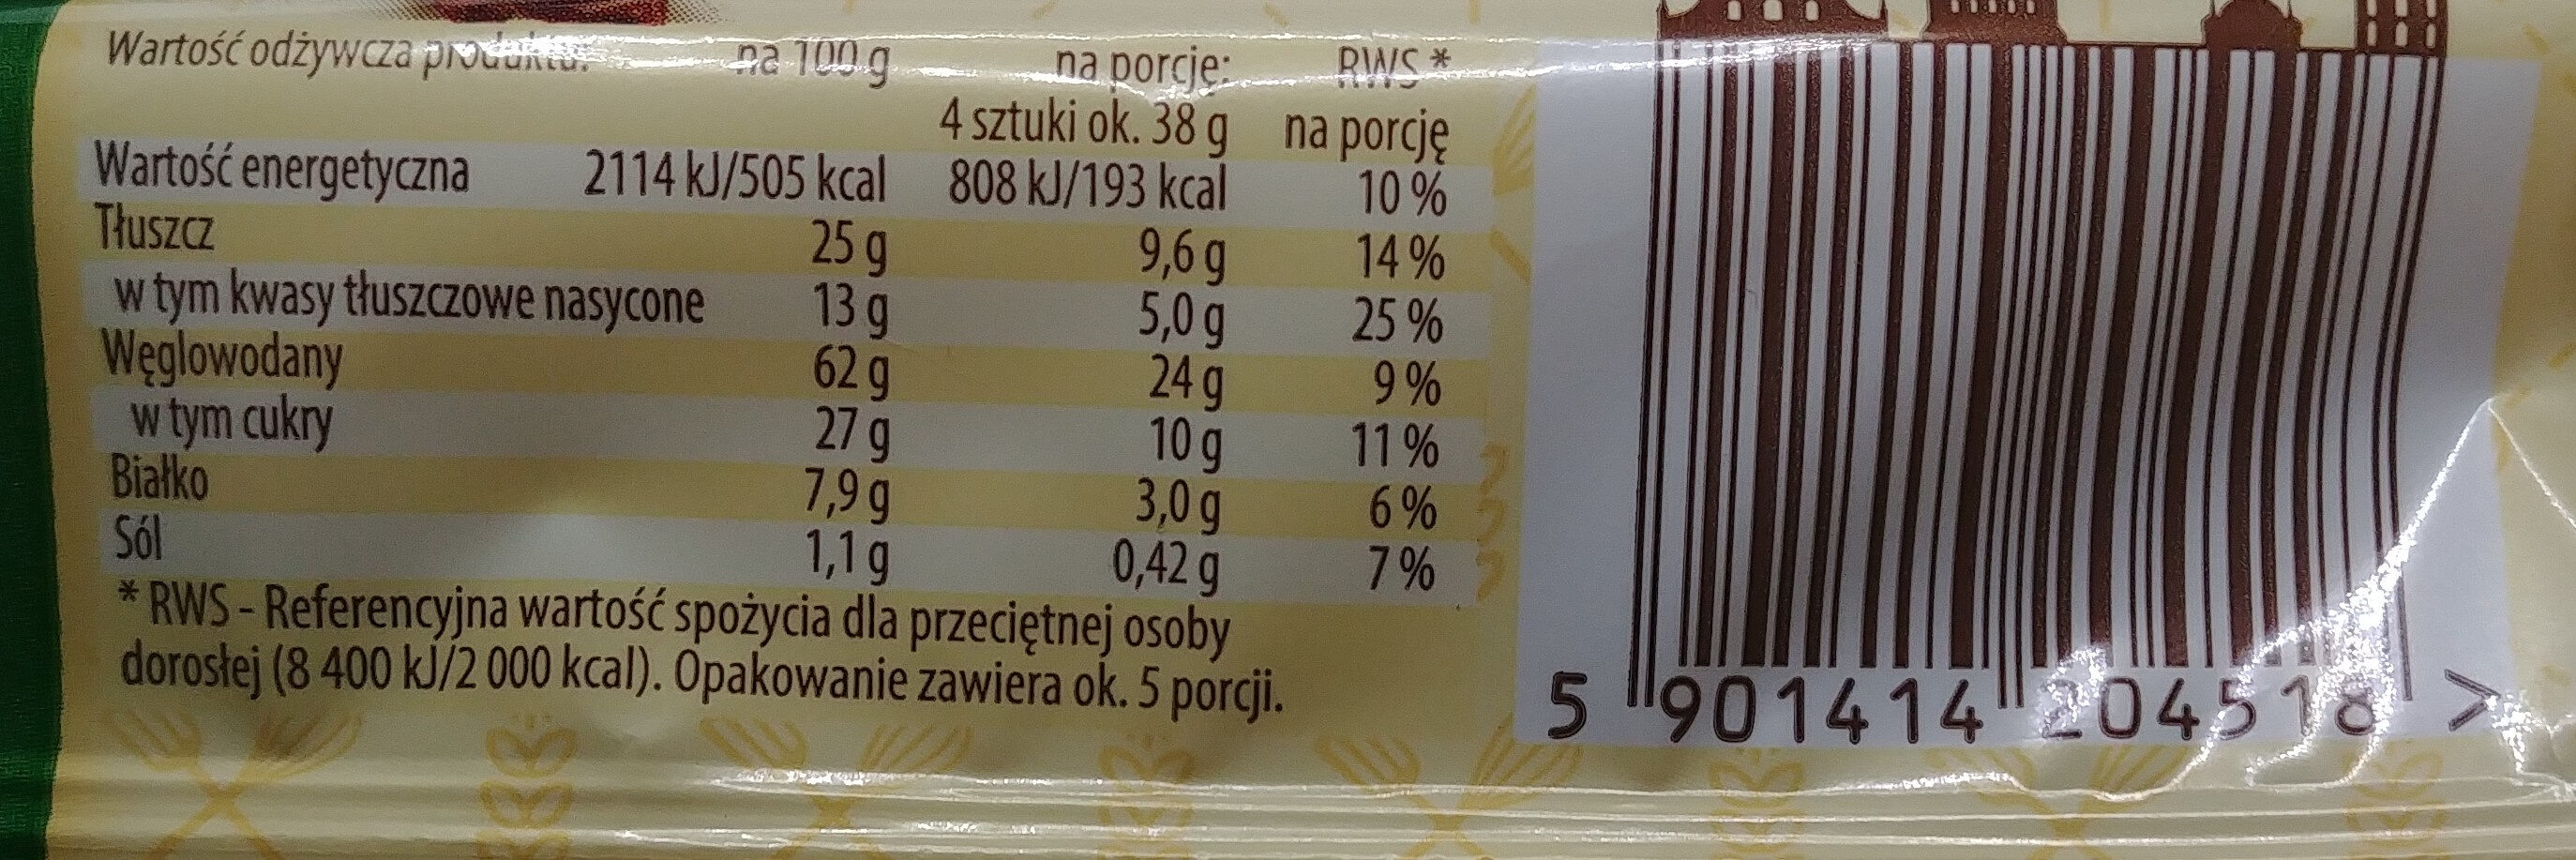 Herbatniki w czekoladzie mlecznej 23%. - Nutrition facts - pl